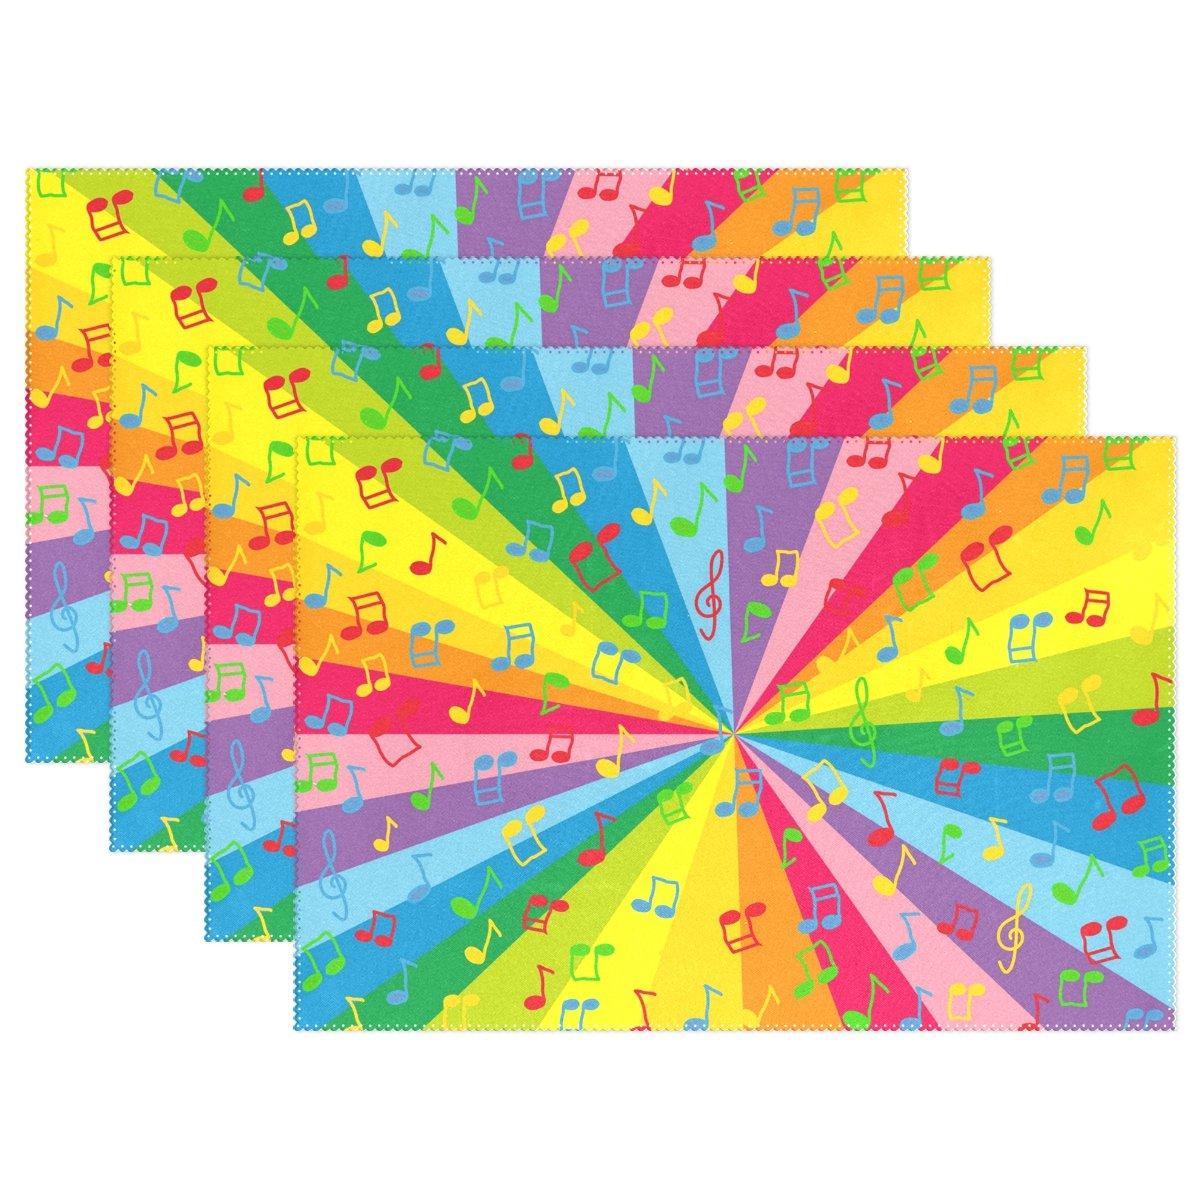 welllee音楽ノートカラフルなレインボープレースマットセットポリエステルプレートホルダーテーブルマットキッチンダイニングルーム用、12 x 18インチ 12 x 18 inch g1025003p145c160s236 1  B073TYFCR3